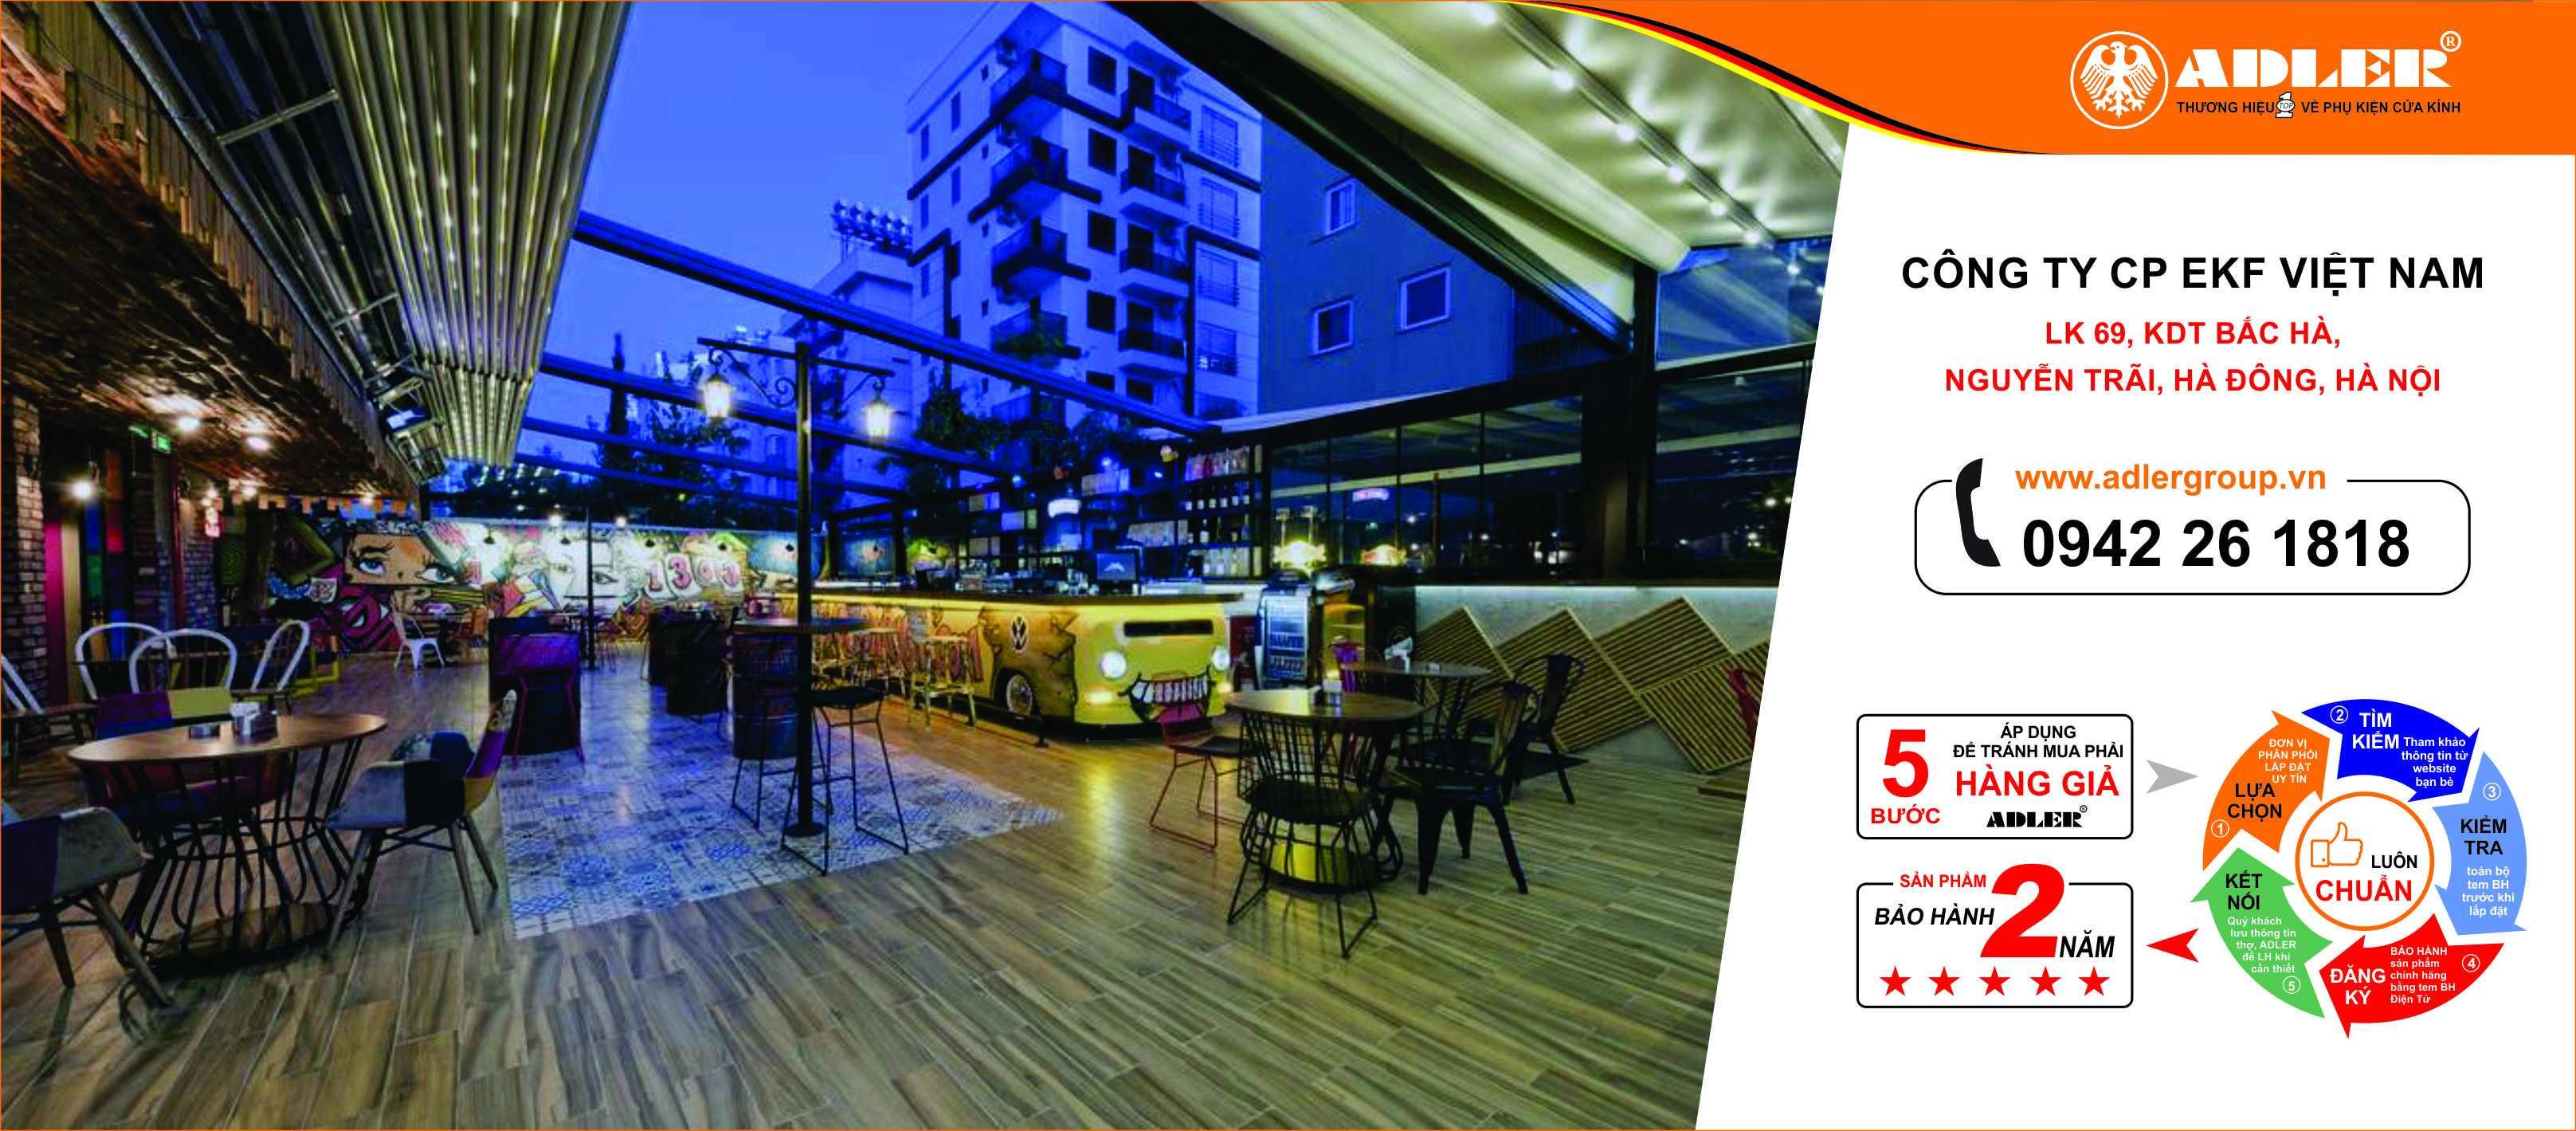 The House Café Kanyon ở Thổ Nhĩ Kì xanh ngút ngàn và lung linh trong đêm bởi tác dụng thần kỳ của màu kính